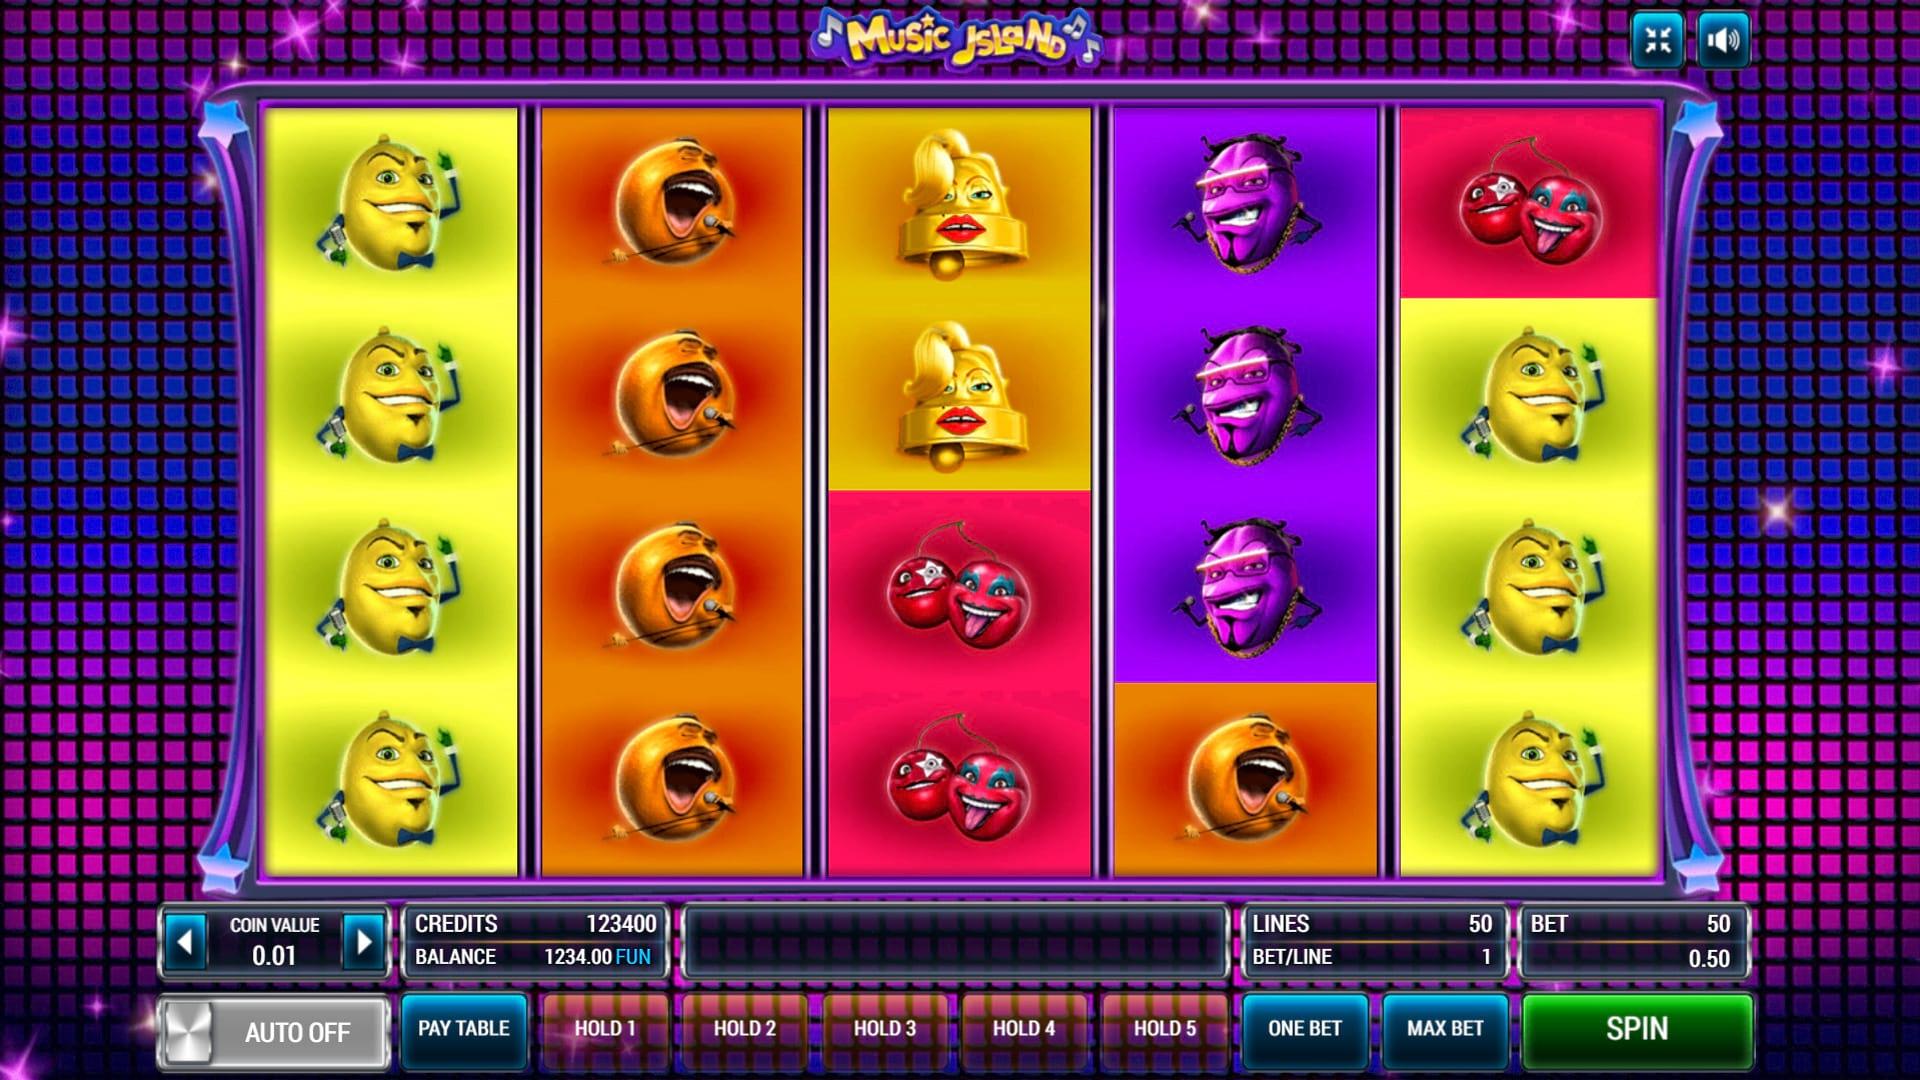 Изображение игрового автомата Music Island 1